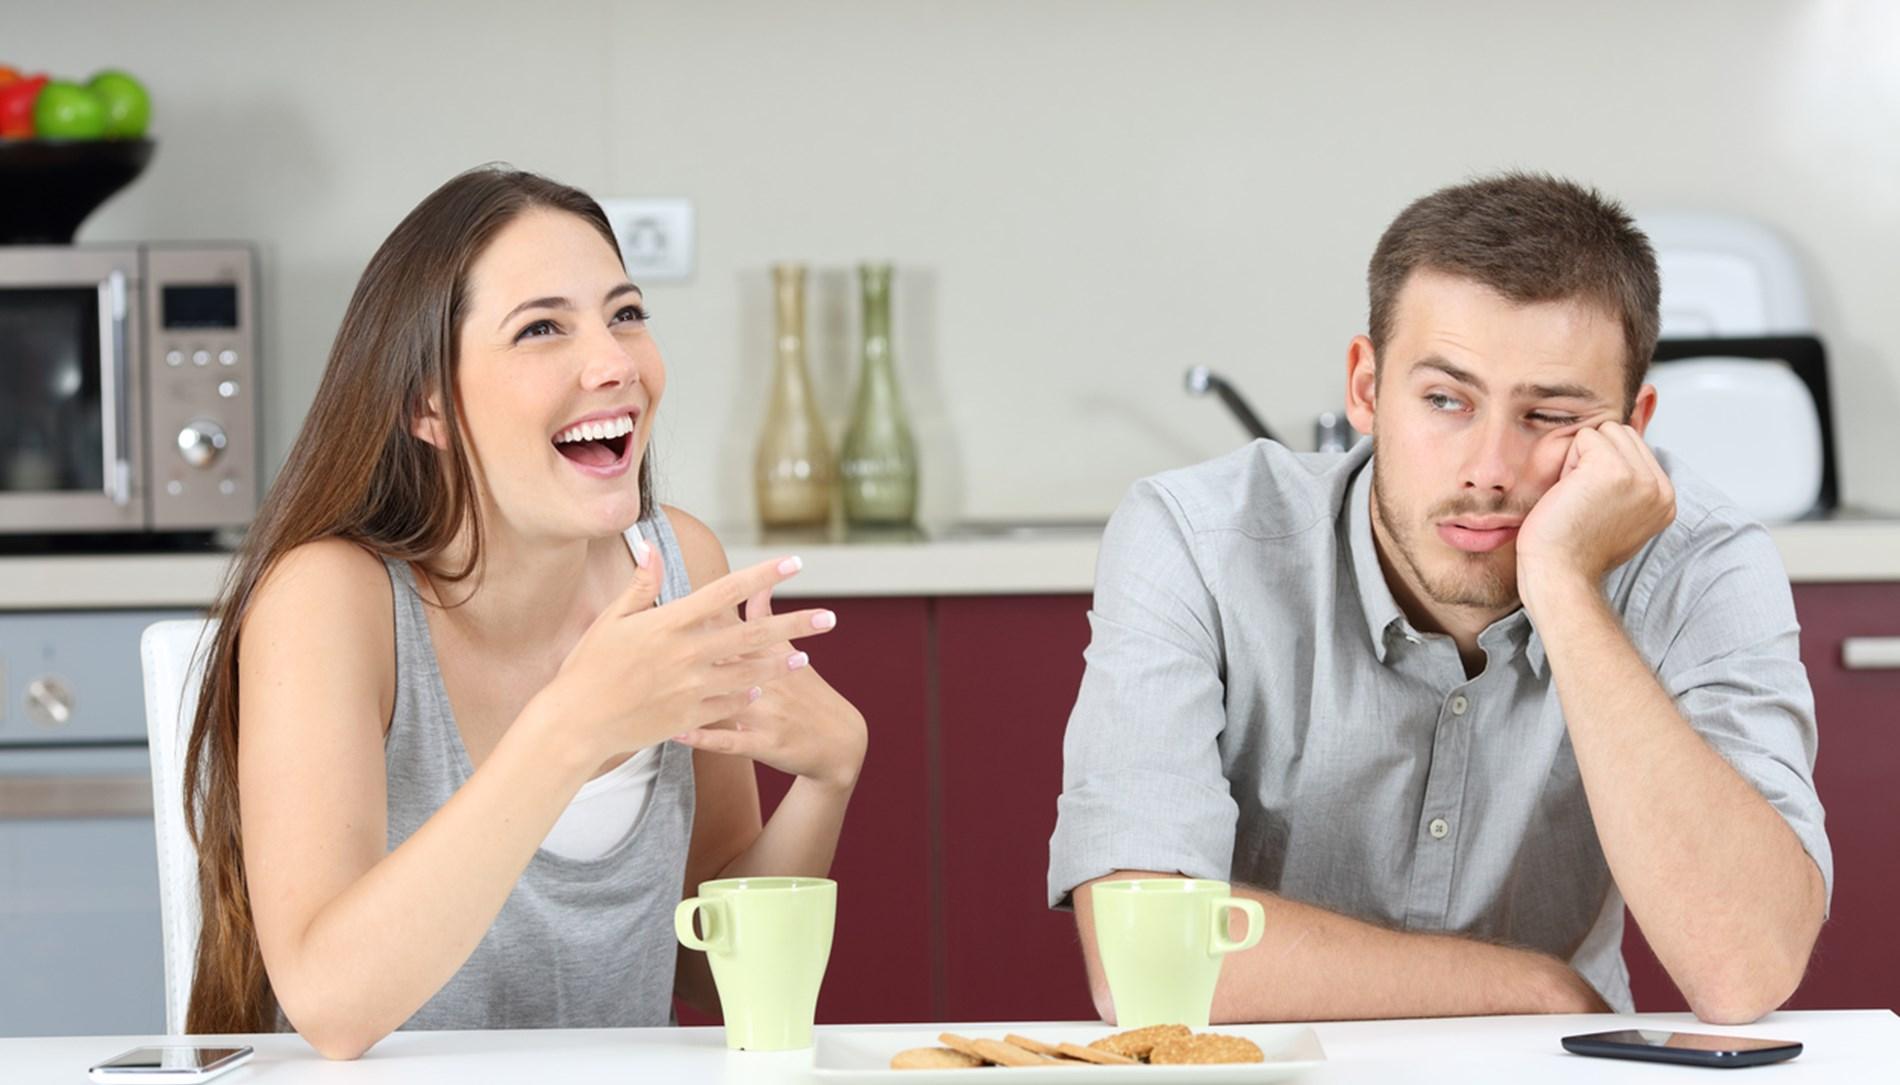 σημάδια ότι βγαίνεις με μια γυναίκα νάρκισσος. νάνος ιστοσελίδα dating